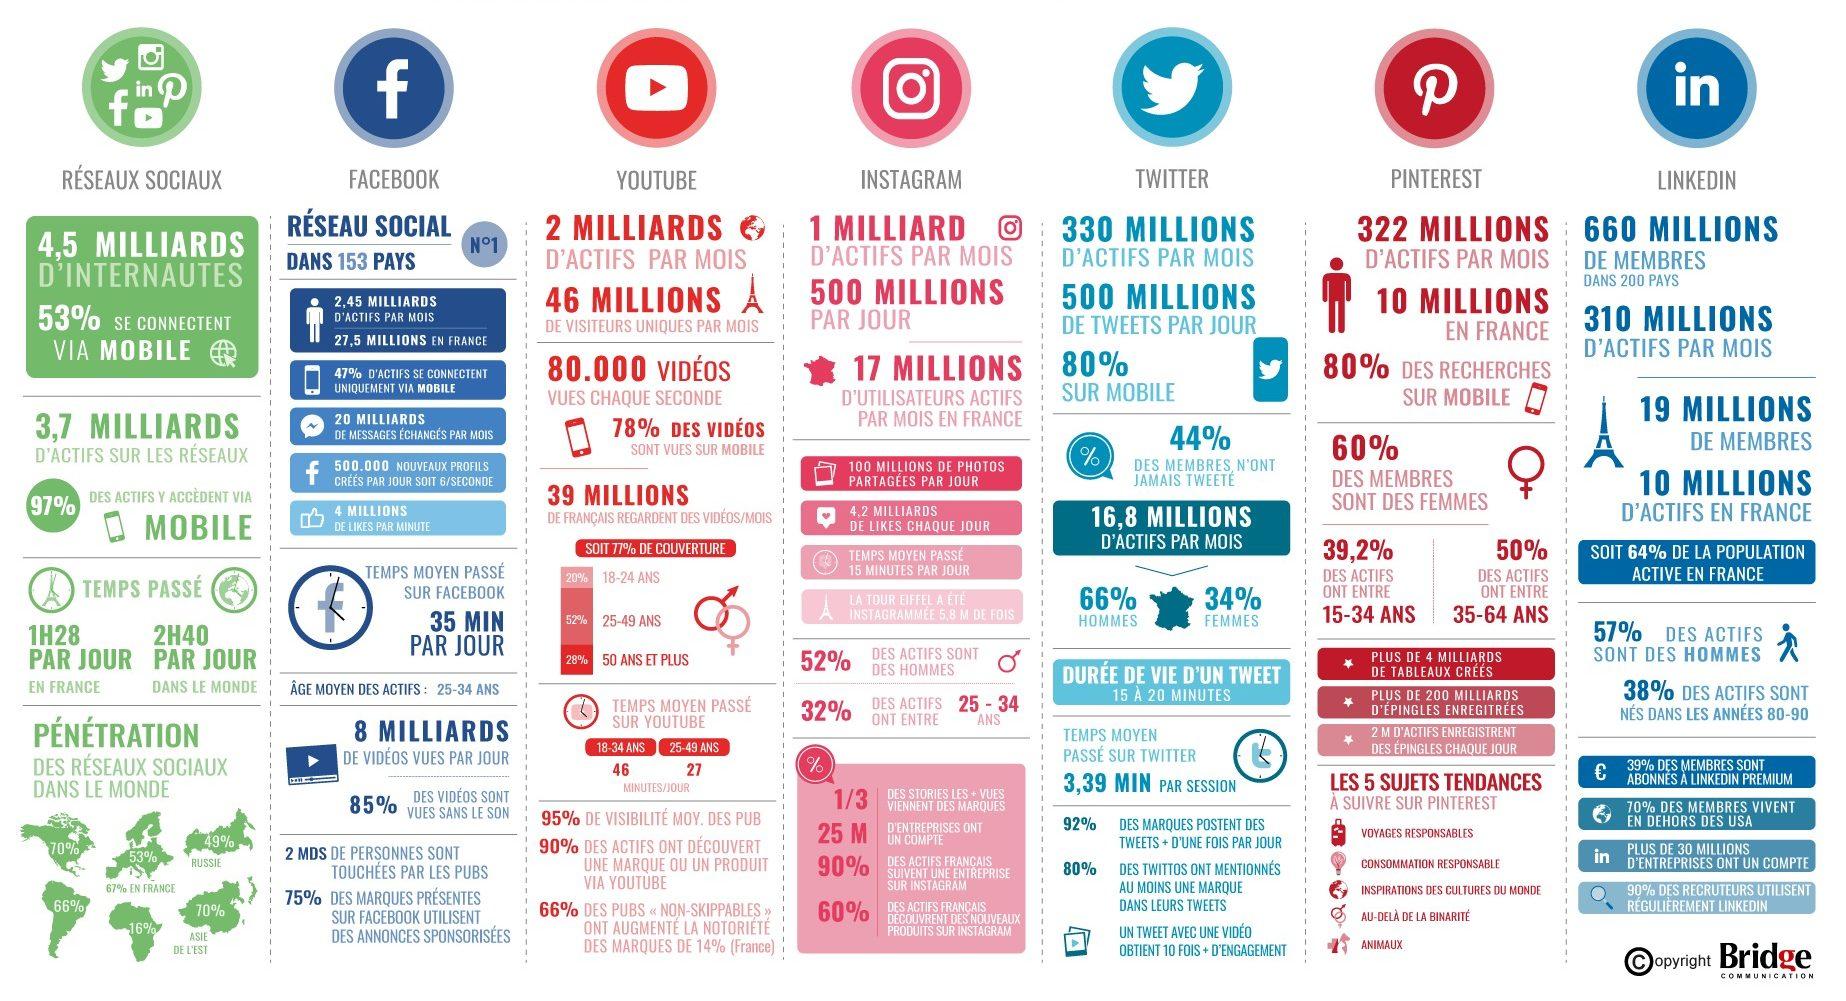 Info_reseaux_sociaux2020_RVB_HD